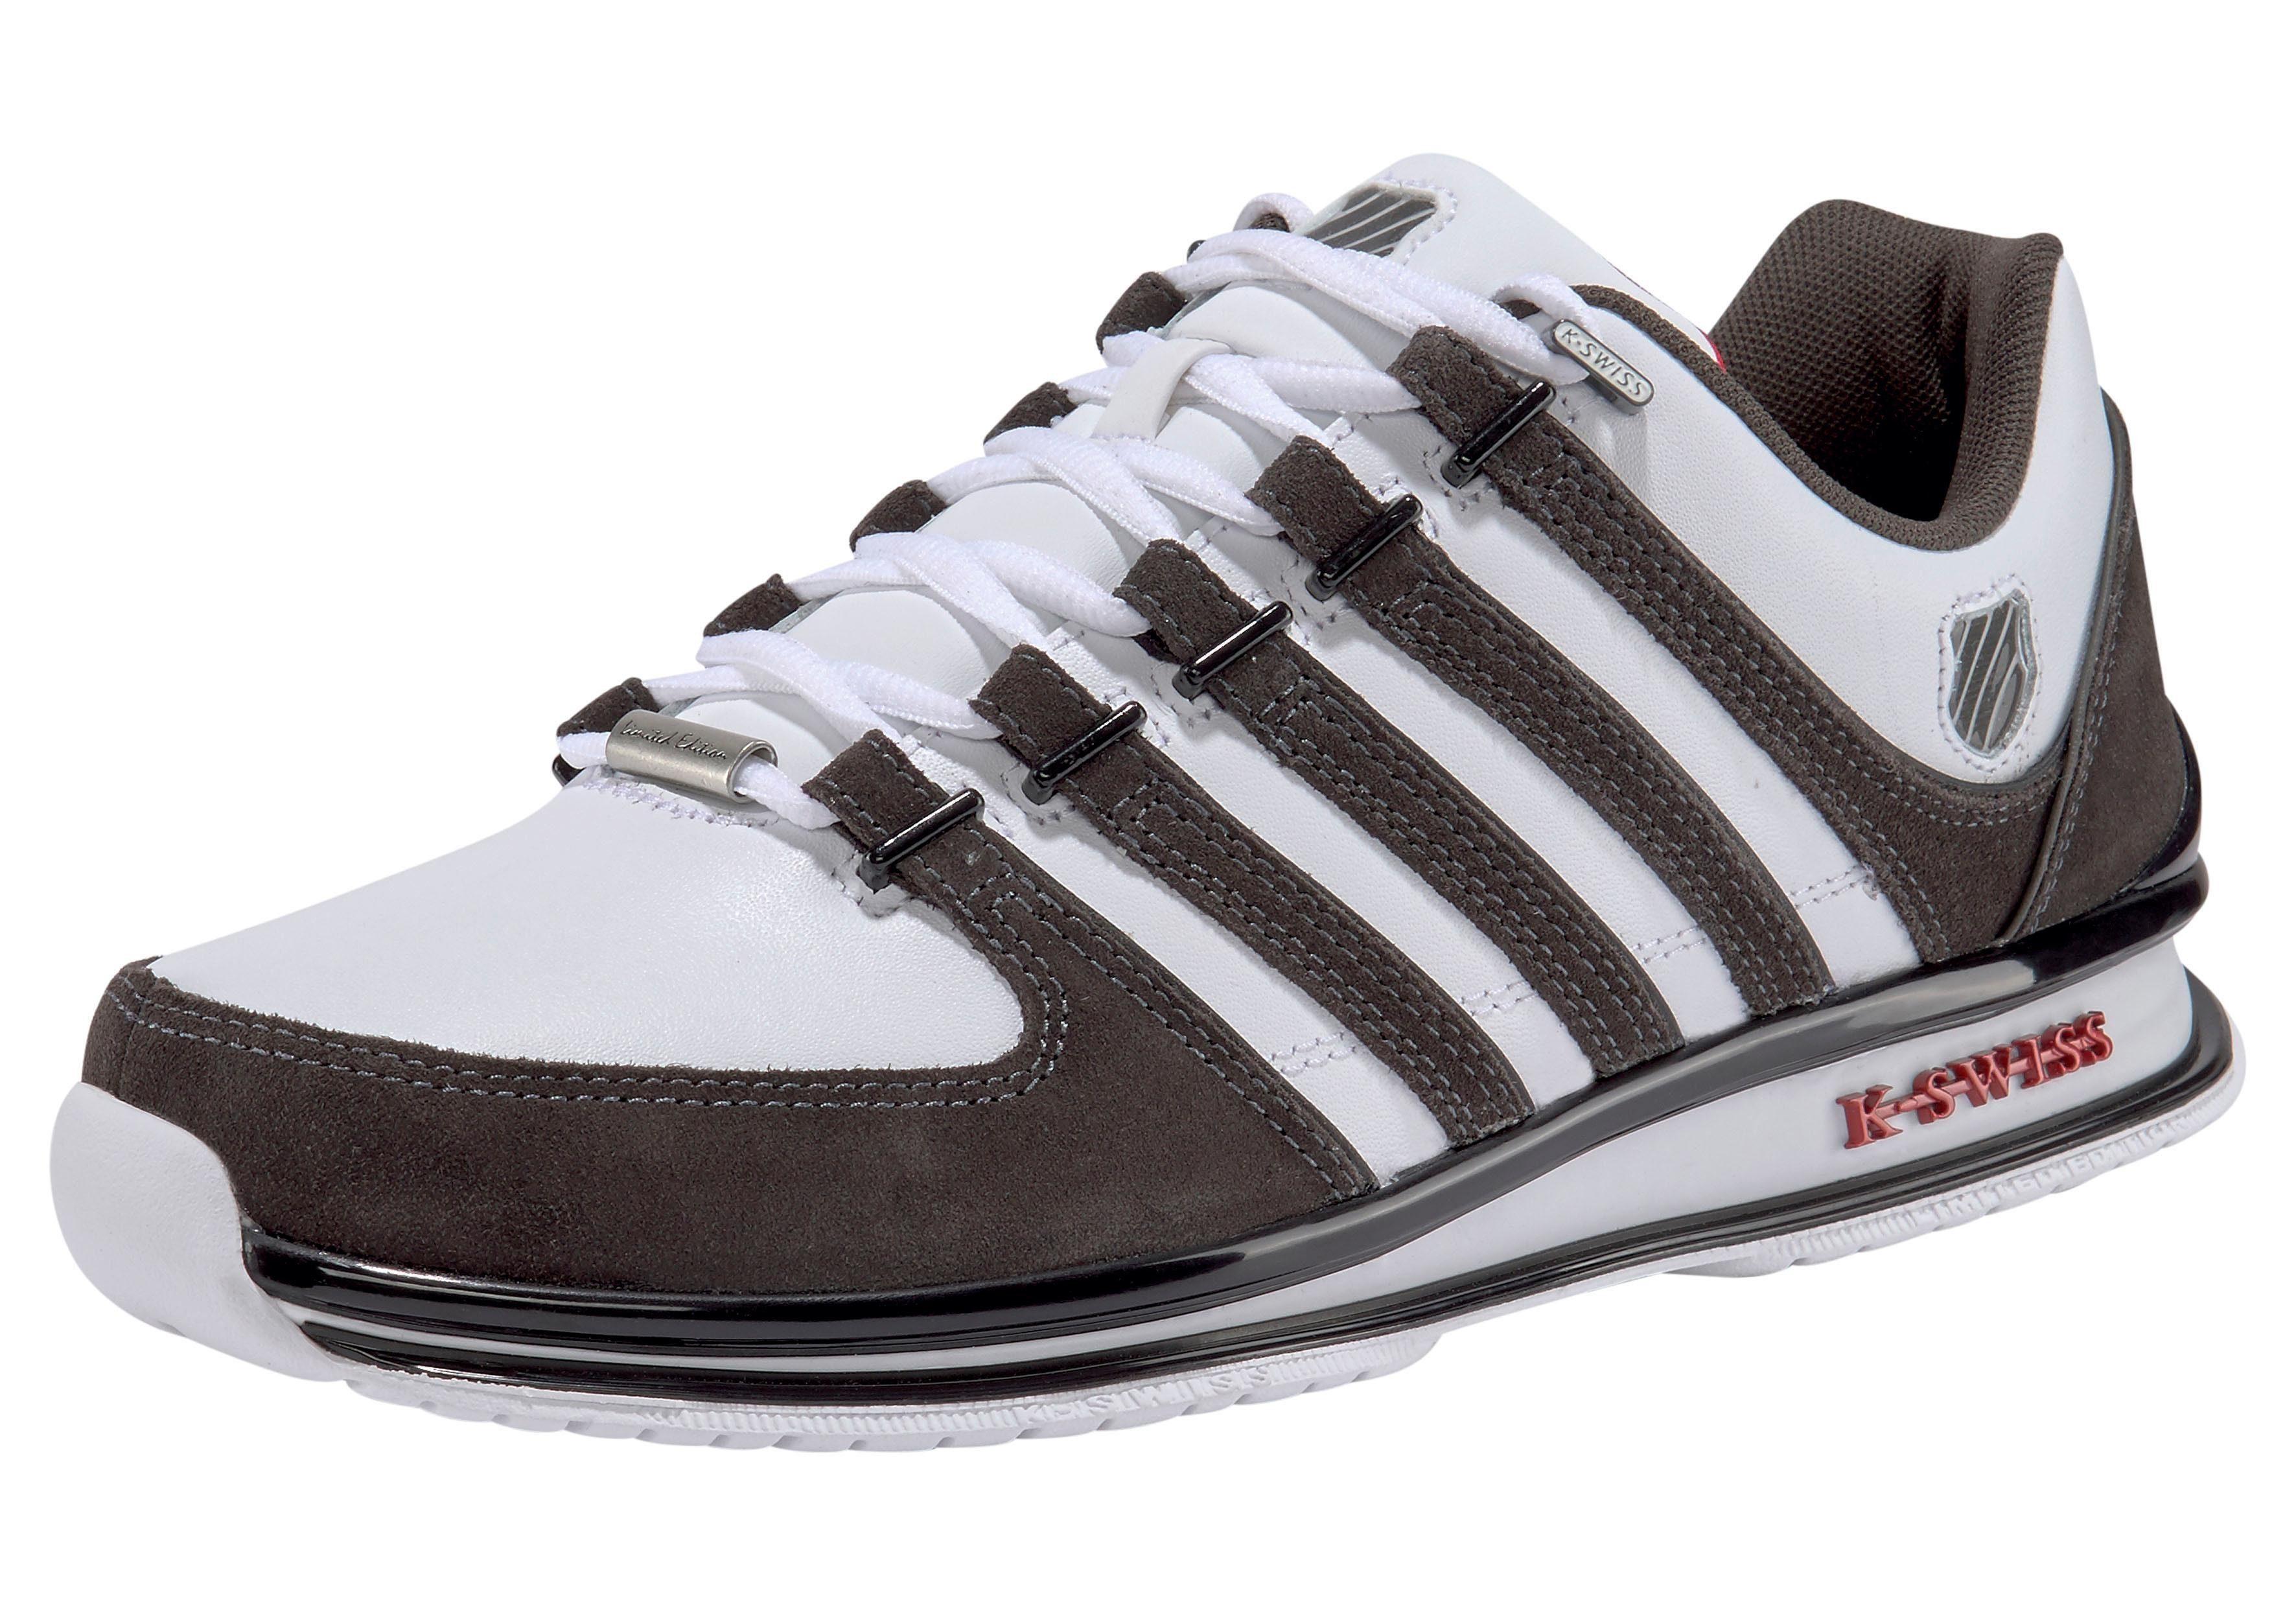 K Swiss : Schuhe, Schuhe Online Shop, Verkauf von Schuhen